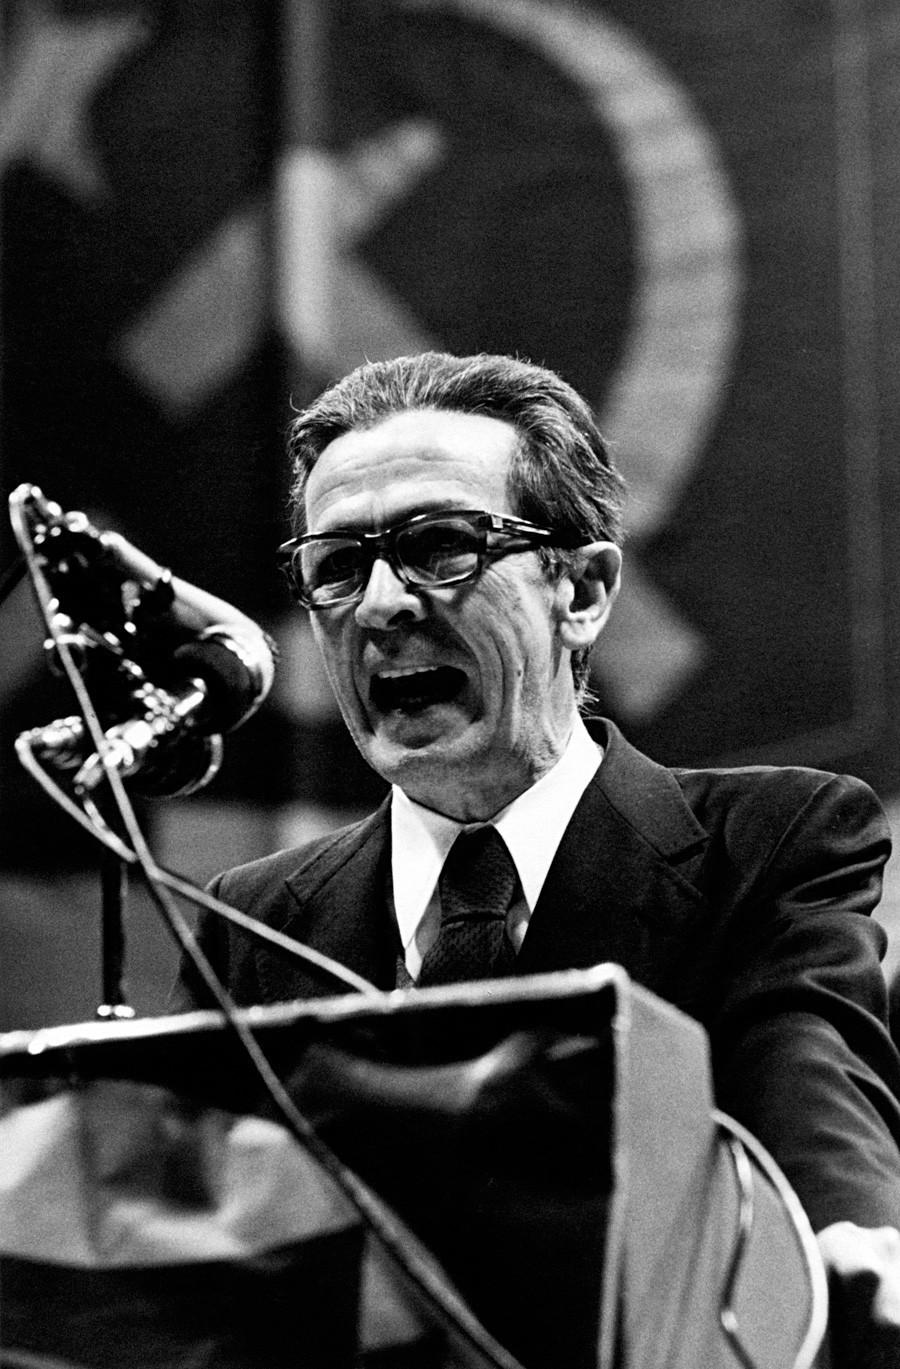 Glavni tajnik talijanske komunističke partije Enrico Berlinguer, koji je okrenuo leđa SSSR-u, drži govor na sjednici tokom 1980-ih.